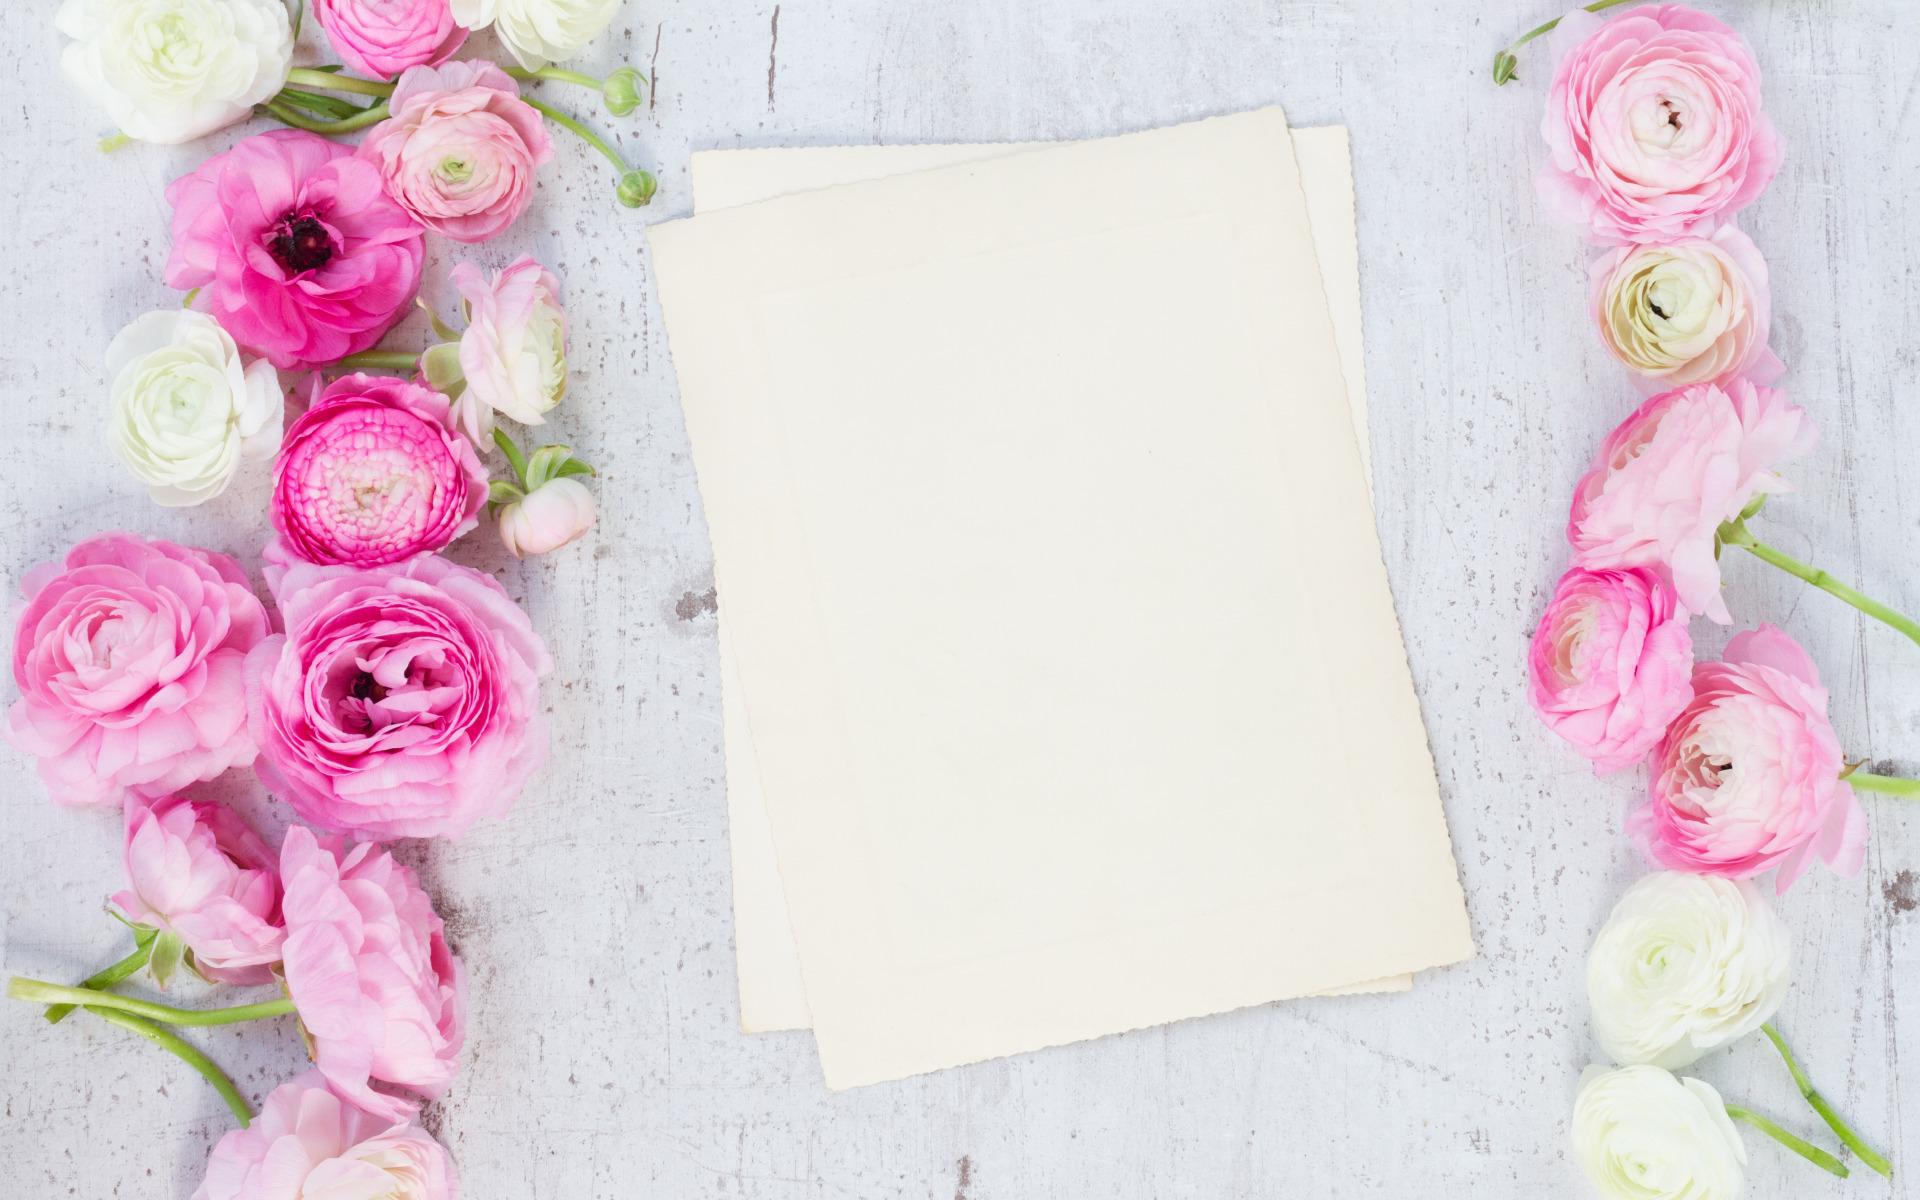 неприхотливое, белый лист с цветами картинки слову